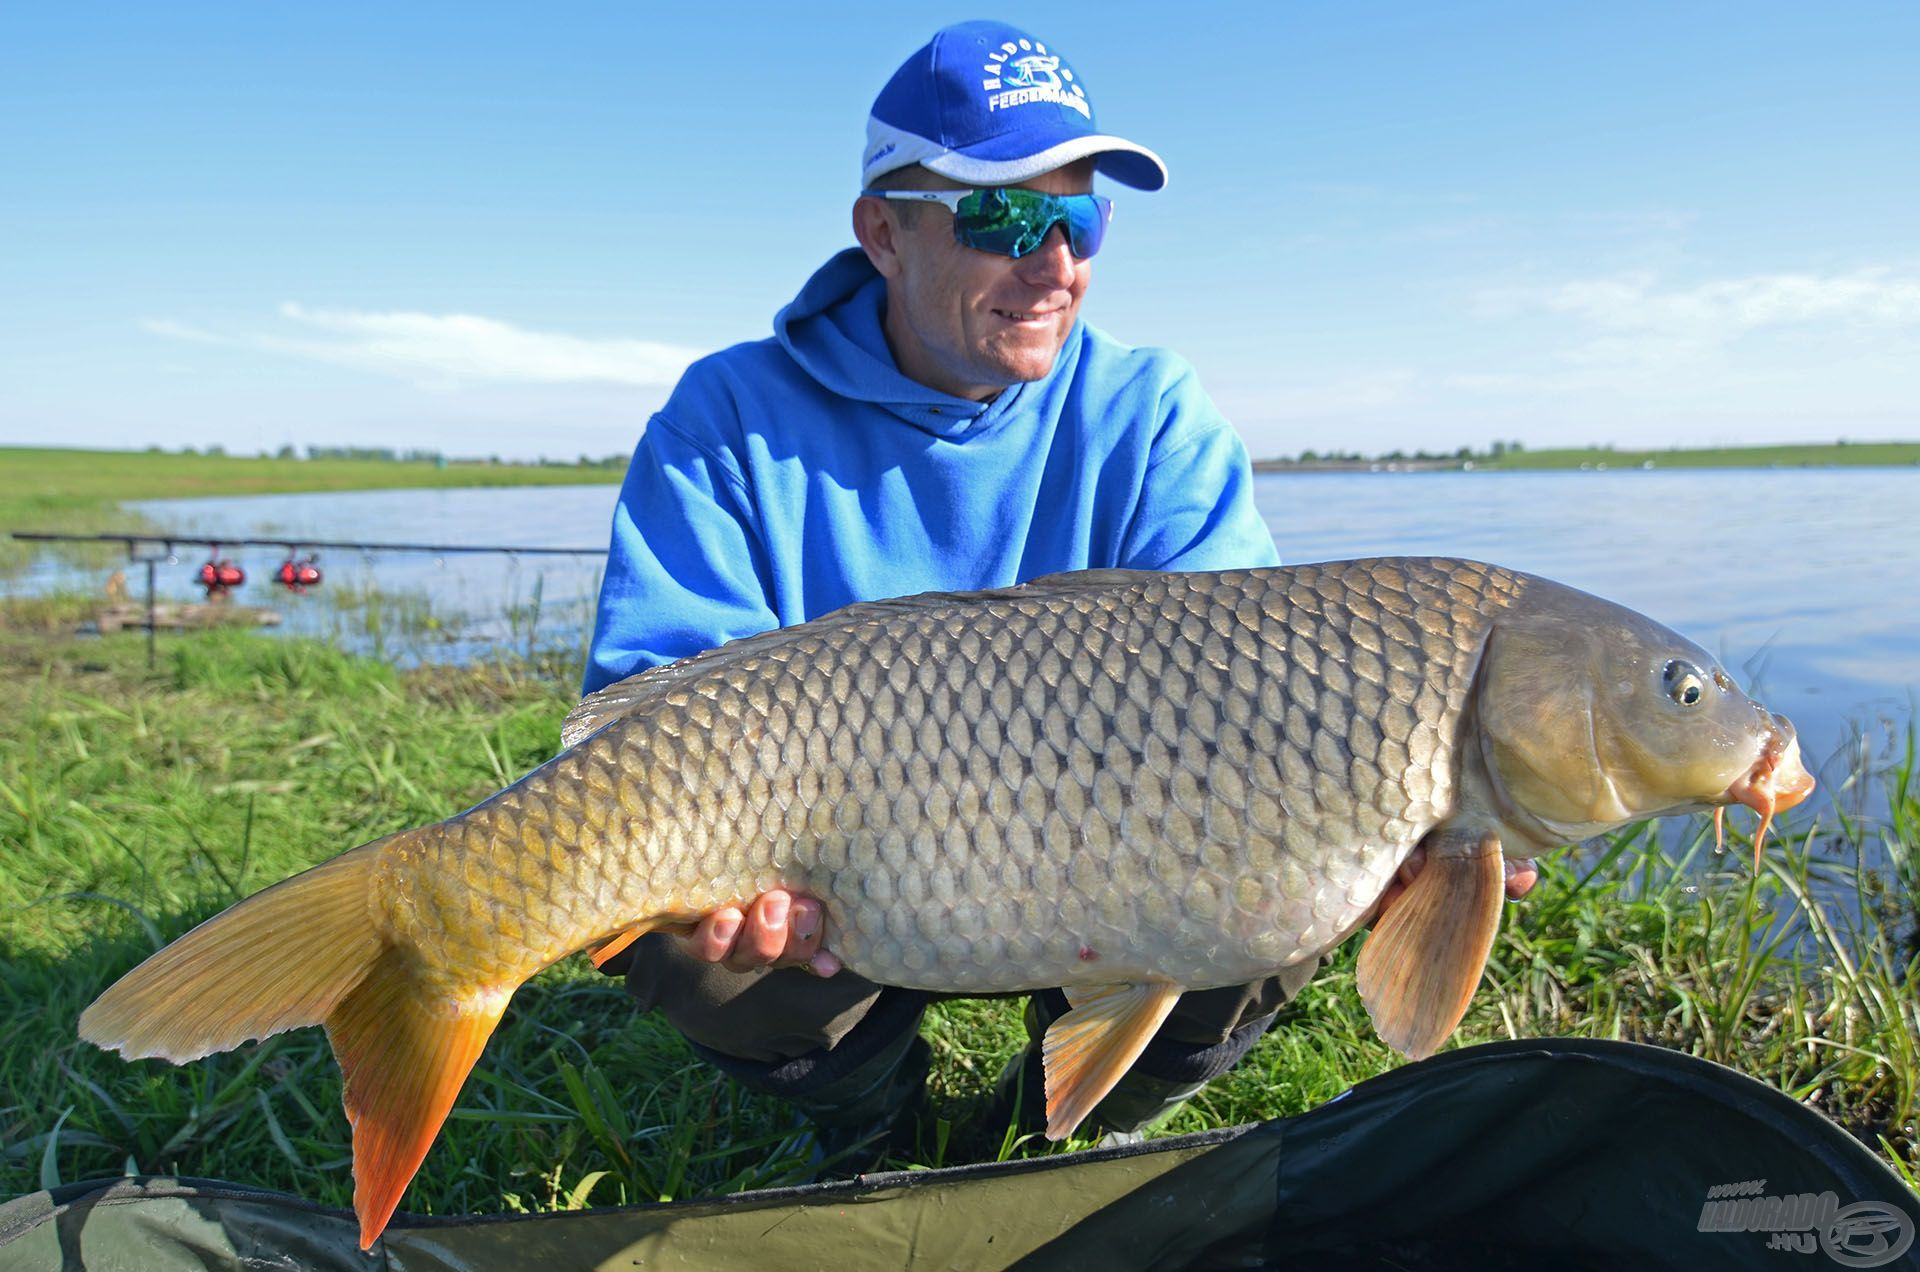 … és legyen szó bármekkora vízterületről, ha jó helyen próbálkozunk, ilyen csodás halakhoz segíthet hozzá!